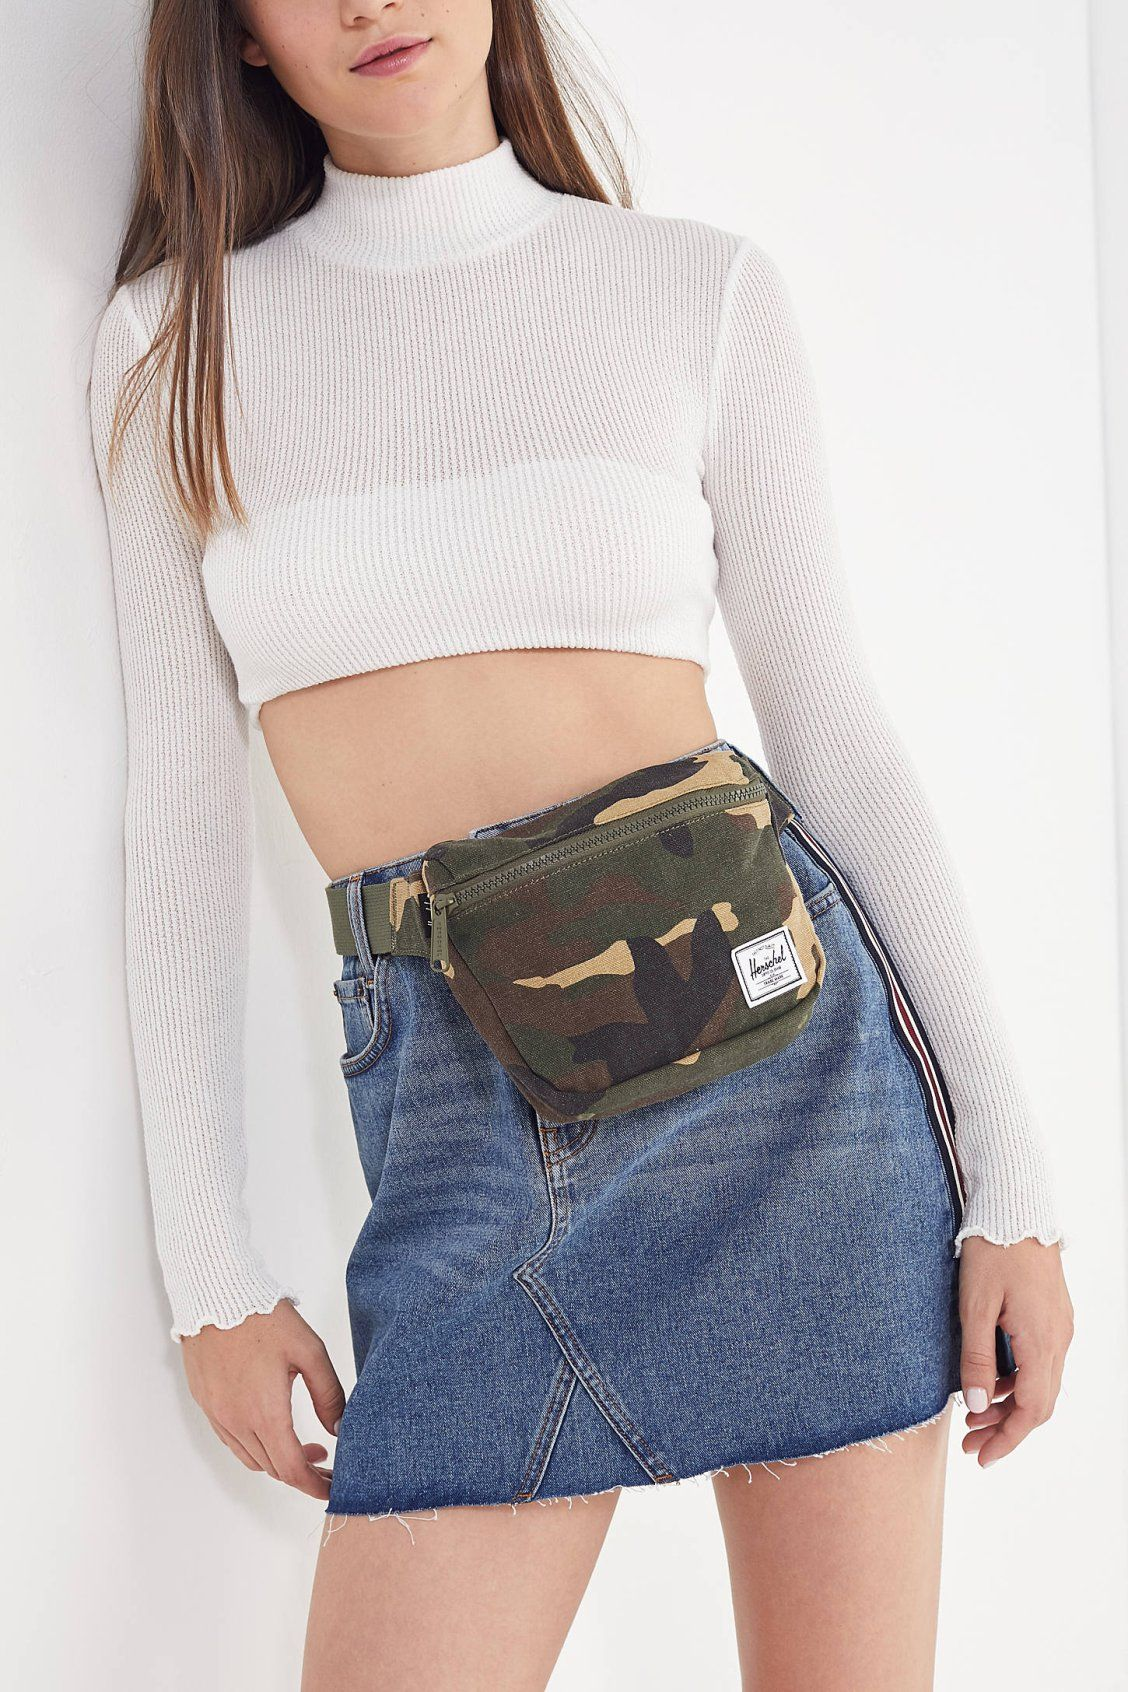 d71e89c33 Herschel Supply Co. Cotton Fifteen Belt Bag   Accessorize   Herschel ...